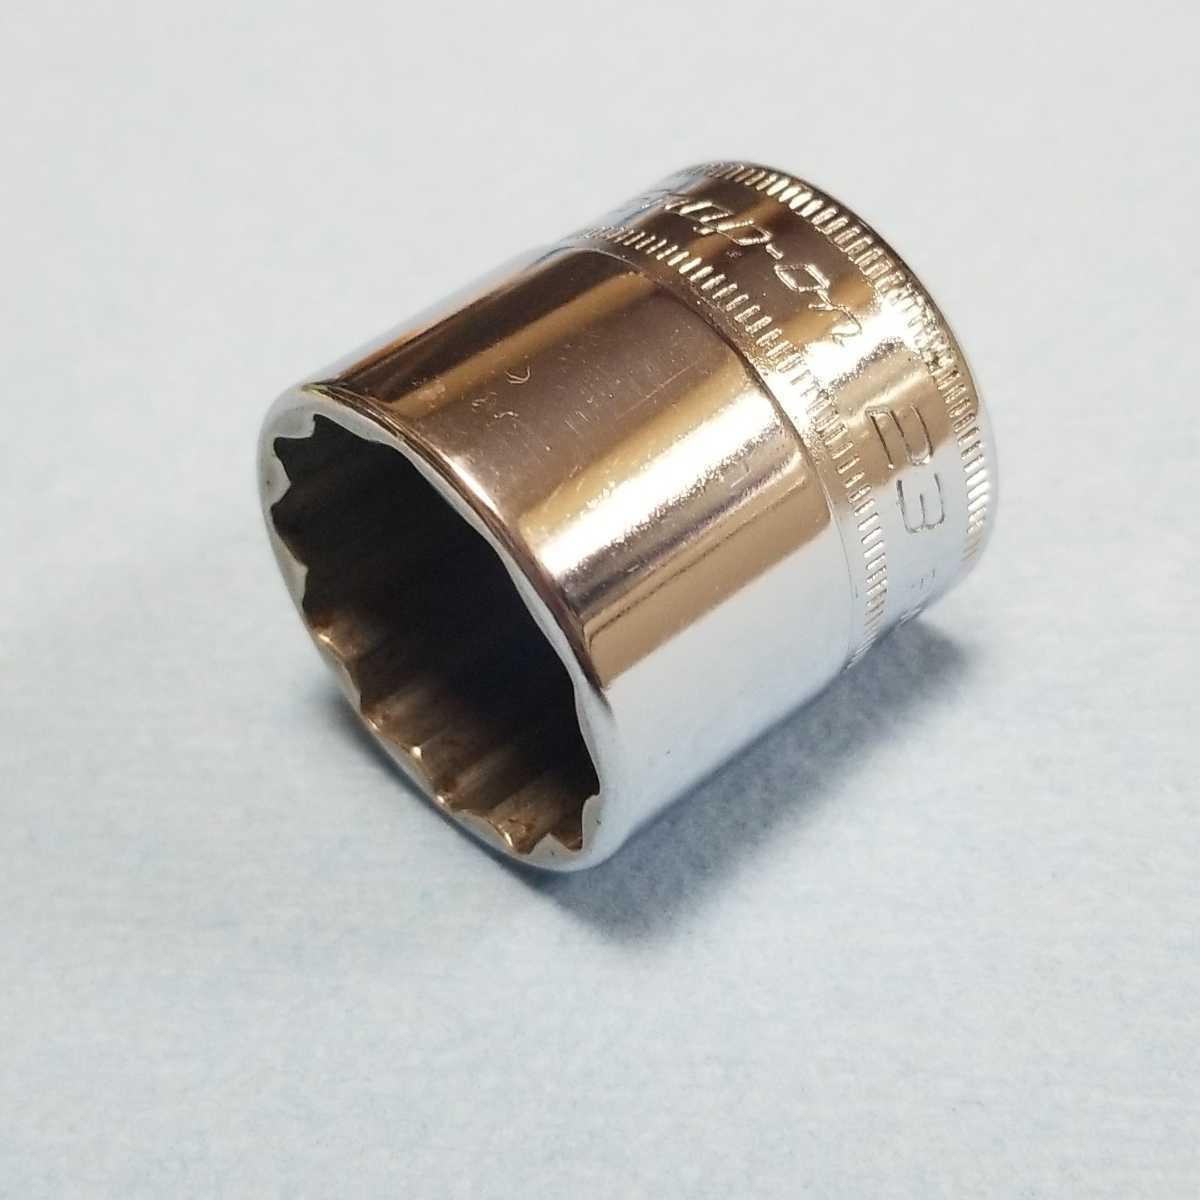 未使用 23mm 3/8 シャロー スナップオン FM23 (12角) 新品 保管品 SNAPON SNAP-ON シャローソケット ソケット 送料無料 Snap-on _画像6